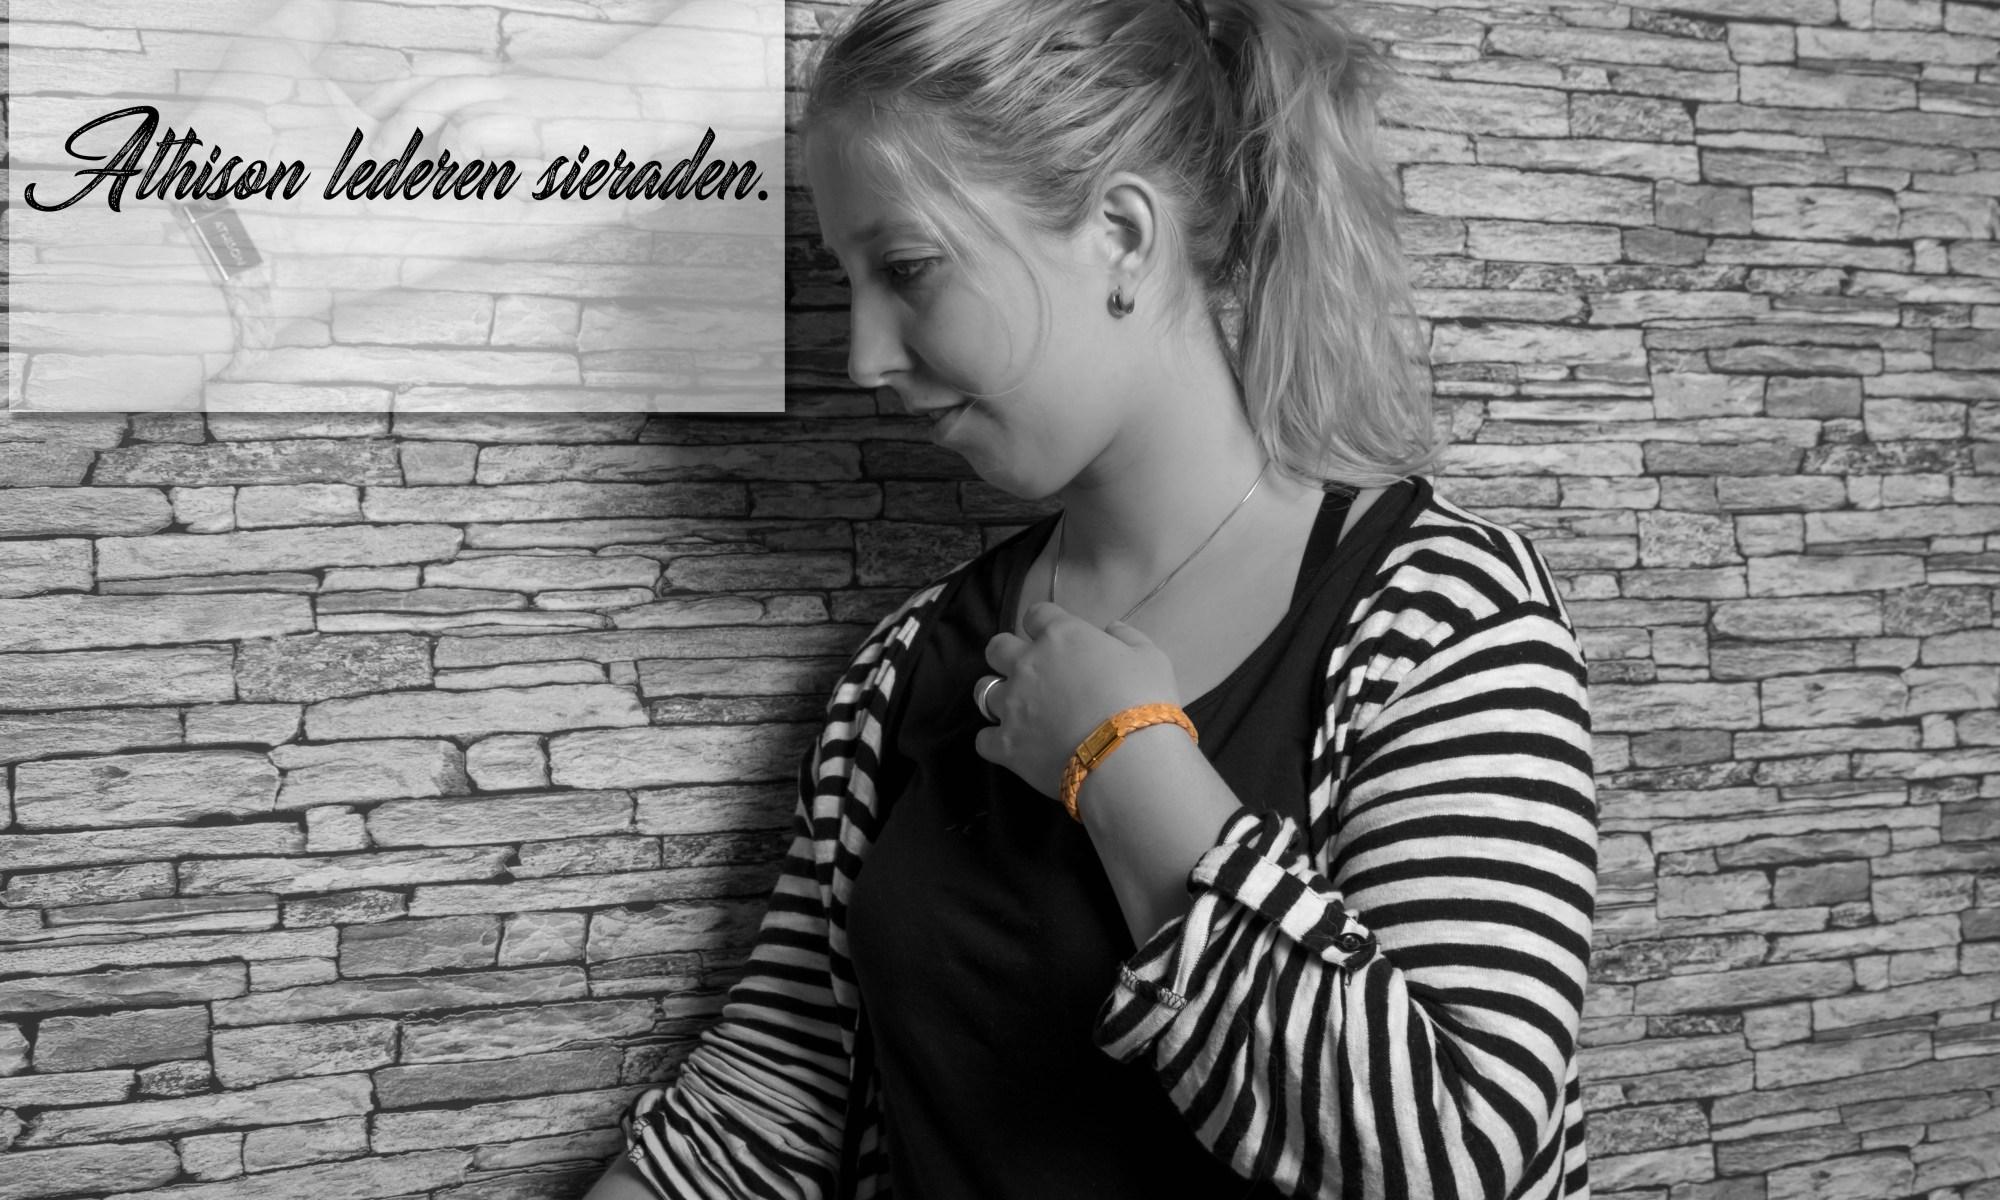 Athison lederen sieraden Sampleo goud leer armband mamablog review